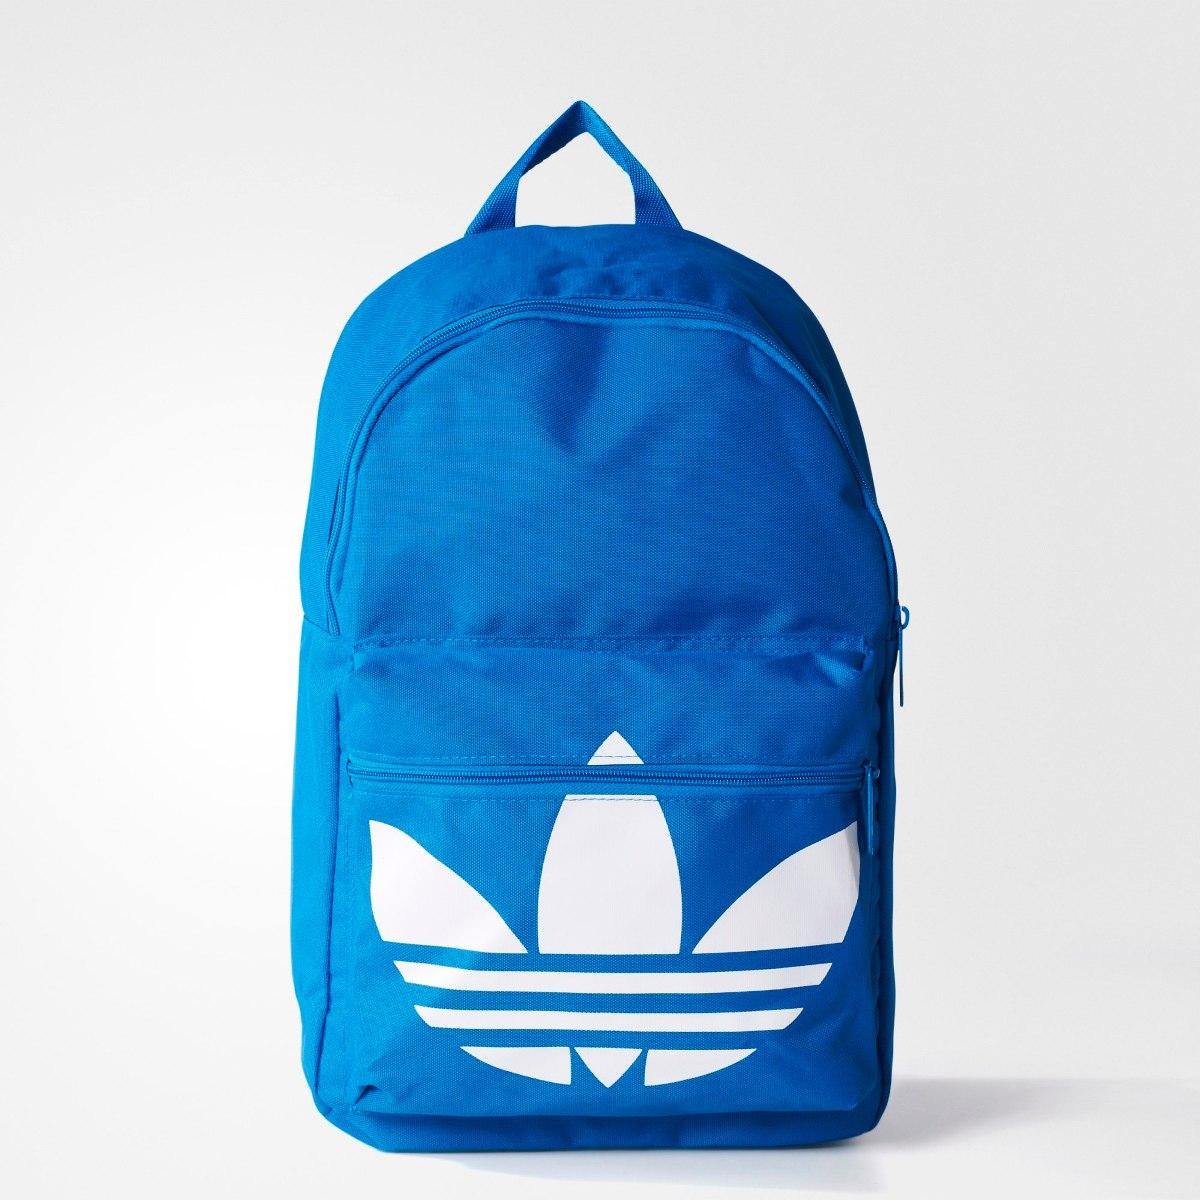 Mochilas Adidas Azul Clair ES069